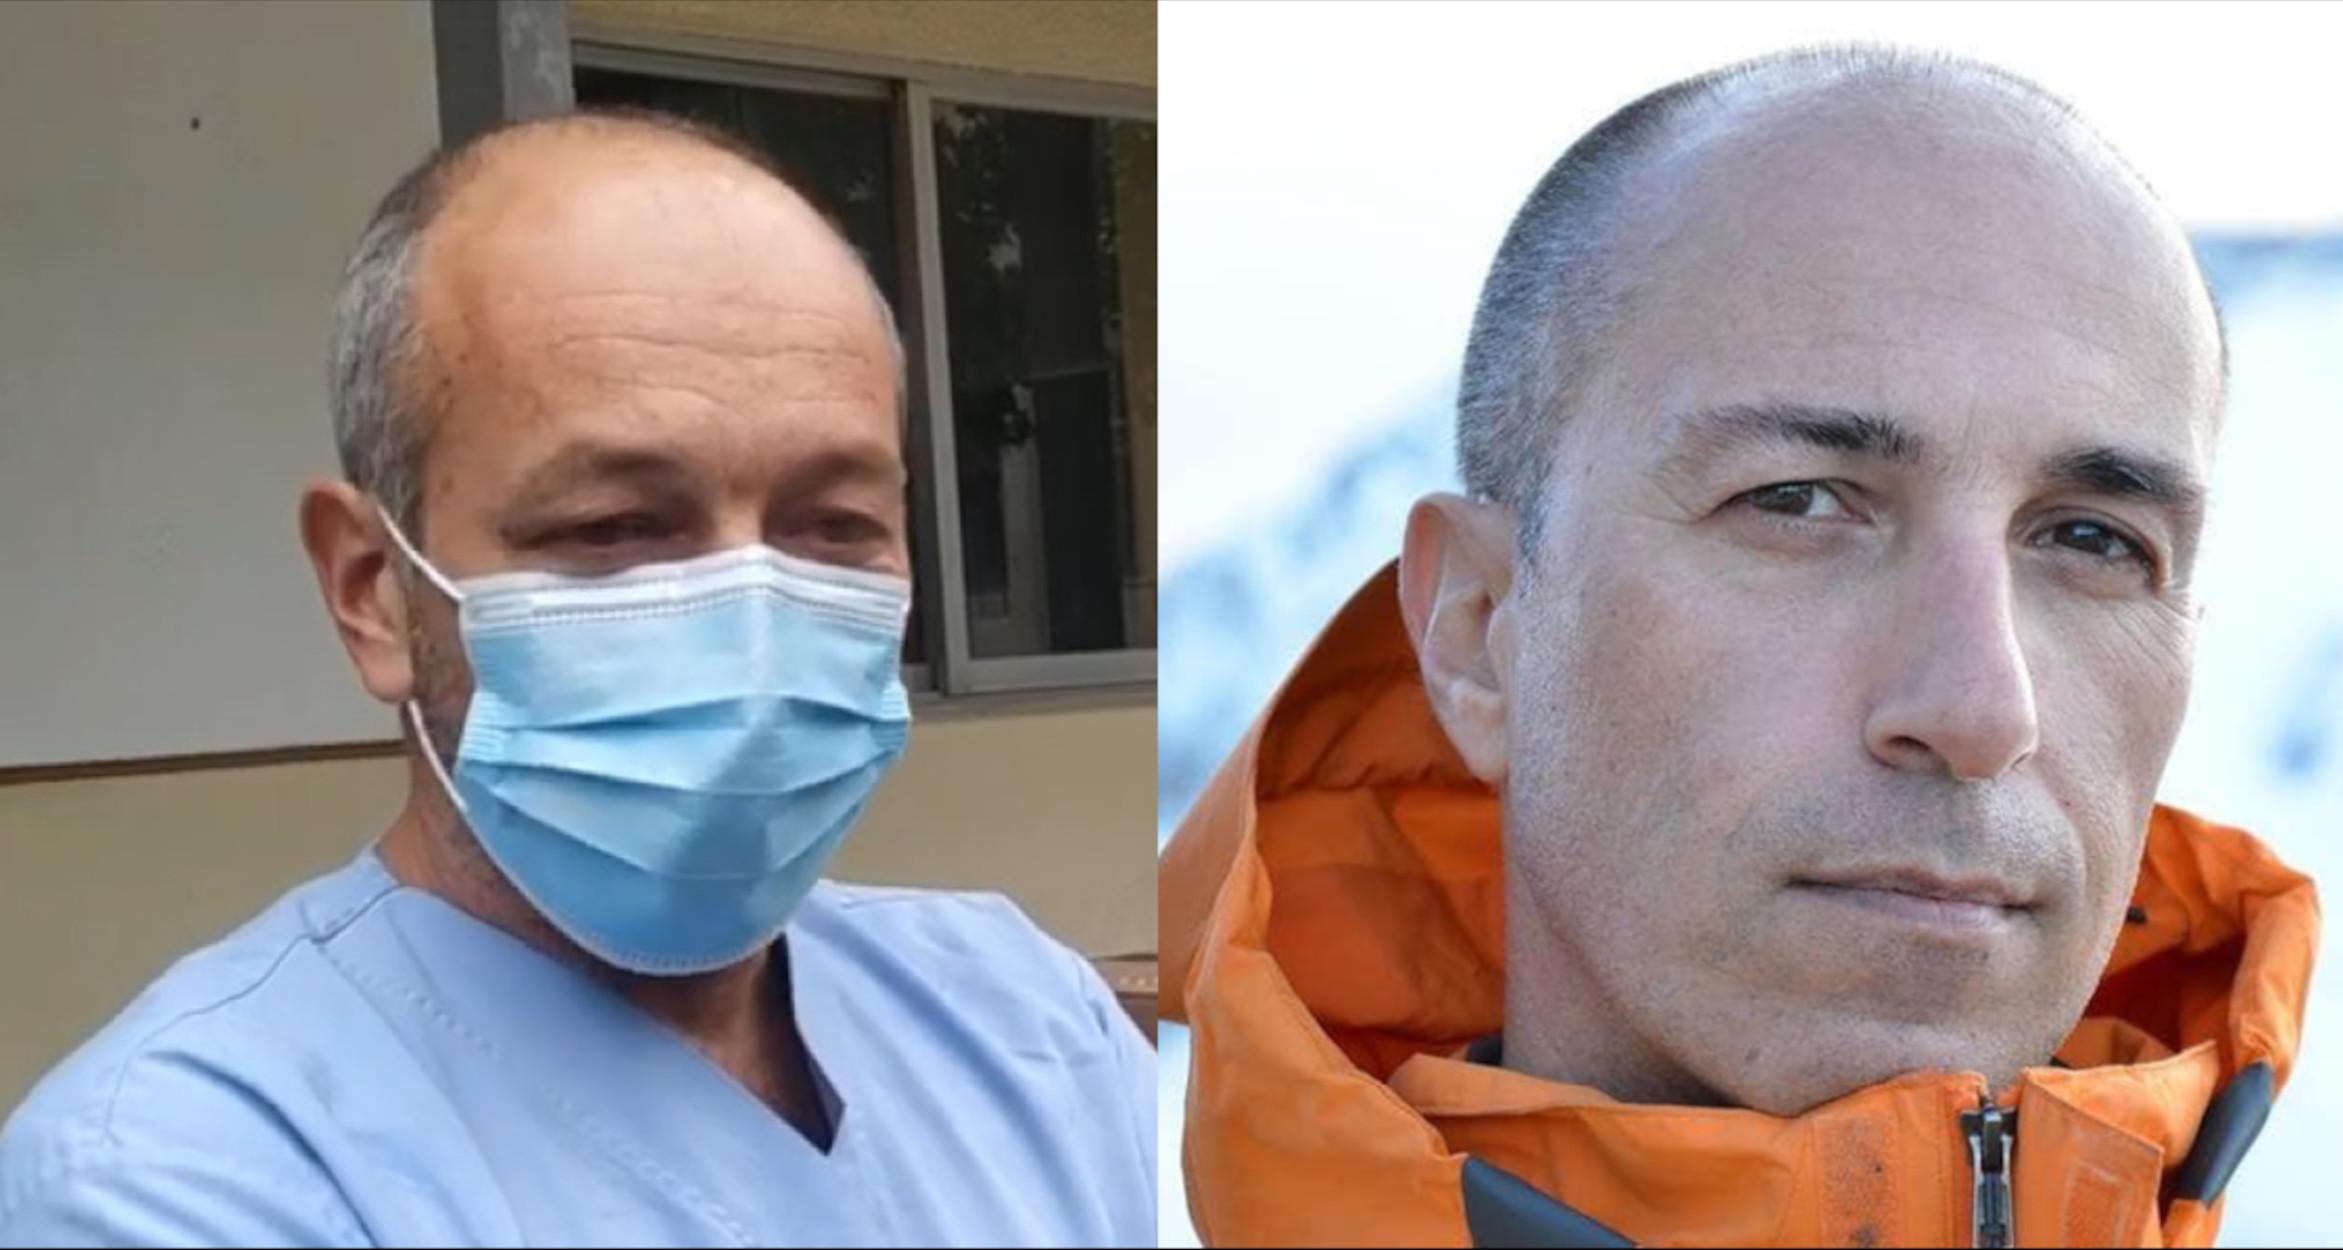 Λάρισα: «Δούλευαν και στα ρεπό τους» – Σπαρακτικά μηνύματα για τους δύο γιατρούς που σκοτώθηκαν από χιονοστιβάδα στον Όλυμπο